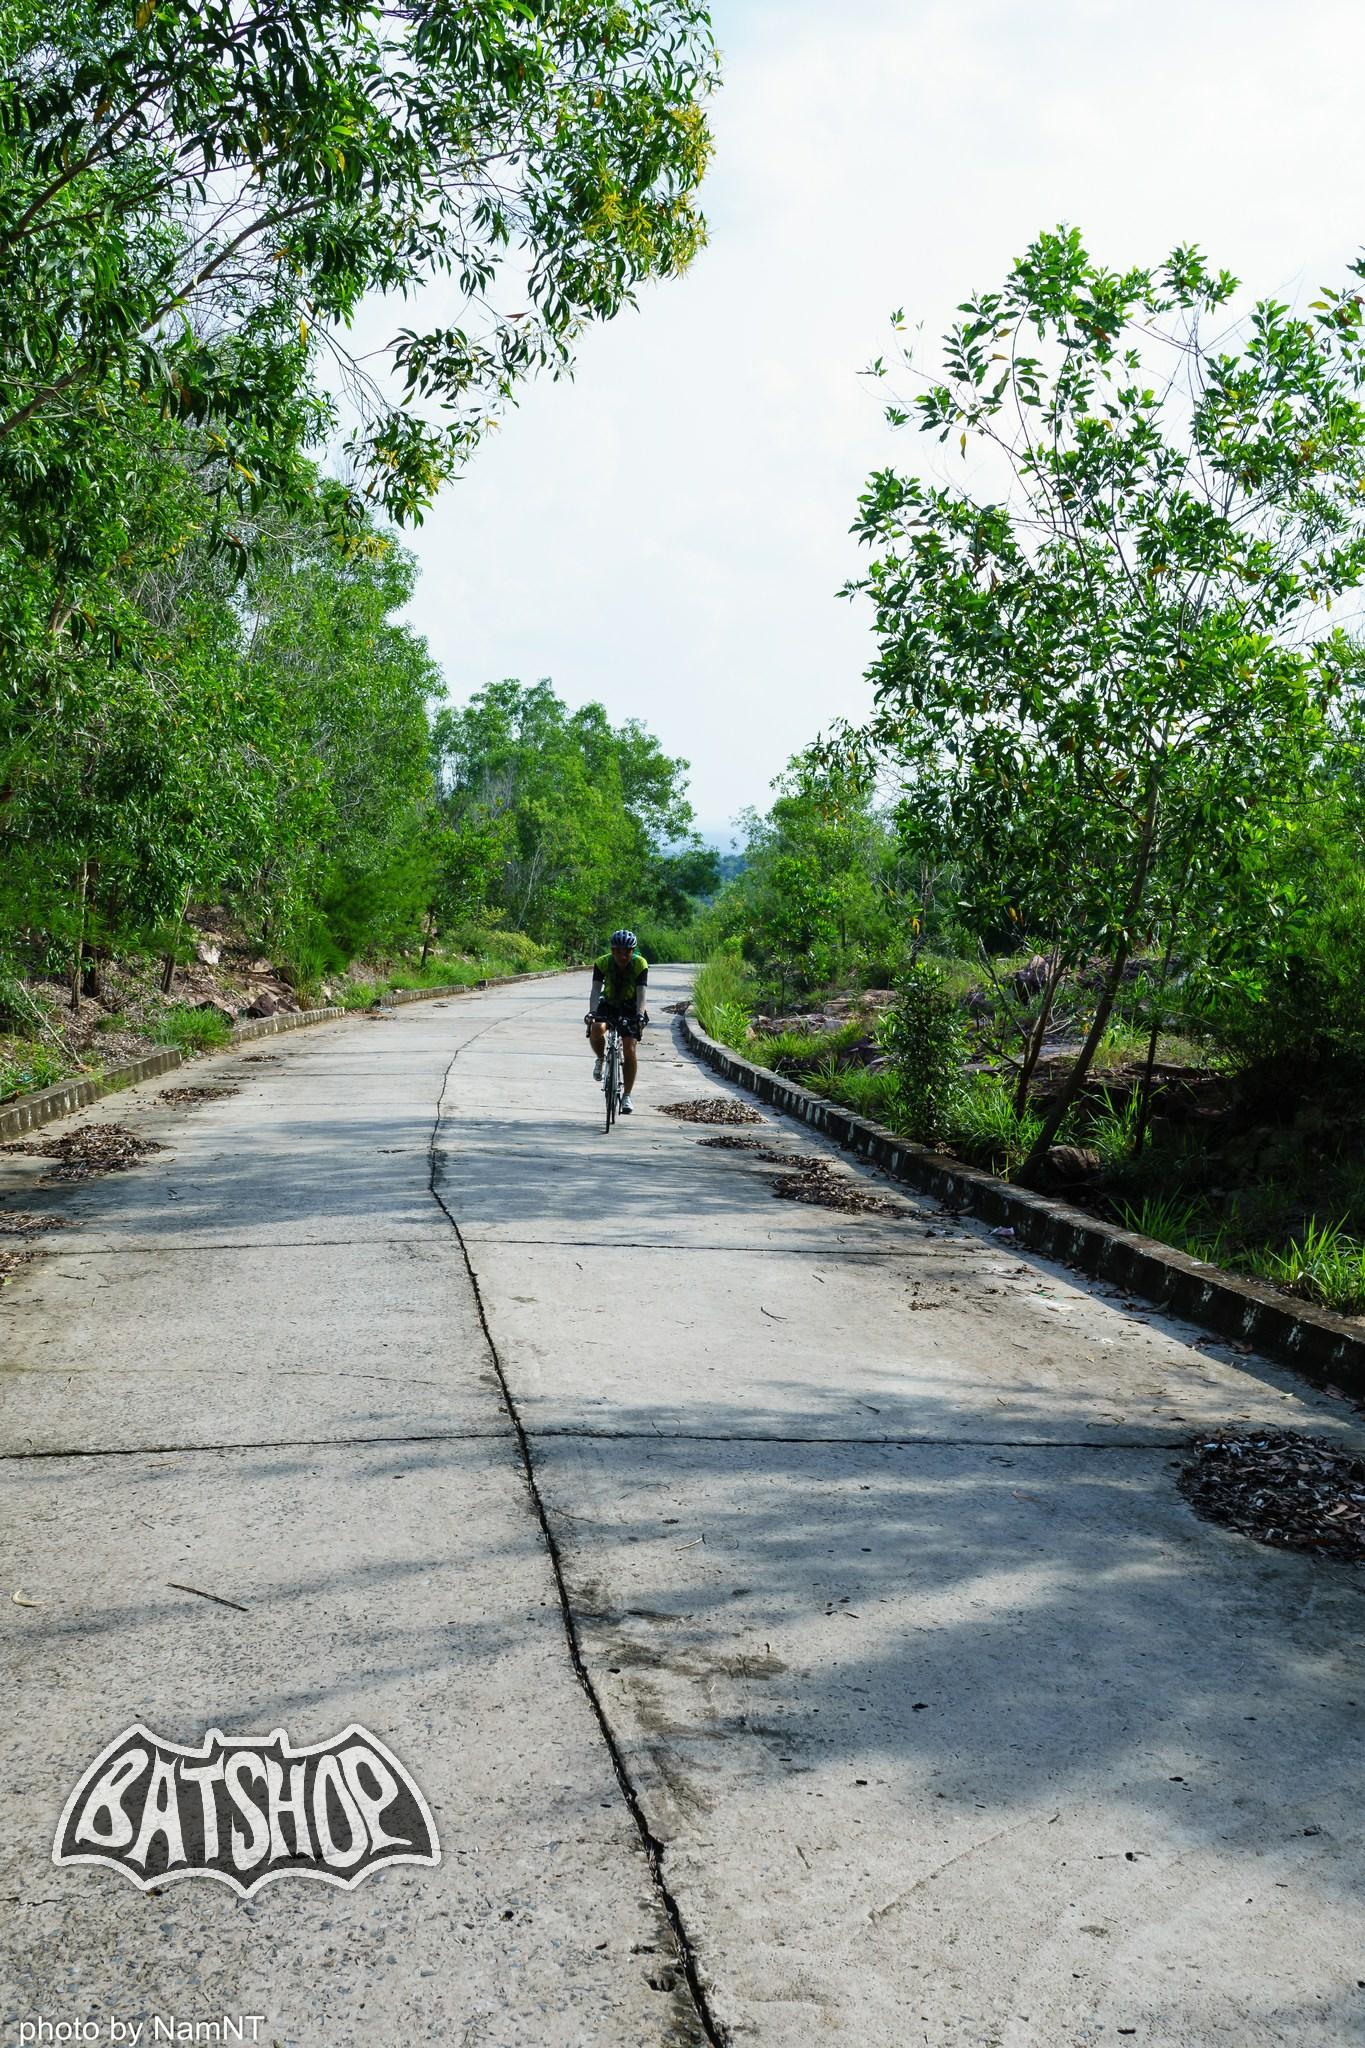 20647131255 47ea150cad k - Hồ Cần Nôm-Dầu Tiếng chuyến đạp xe, băng rừng, leo núi, tắm hồ, mần gà